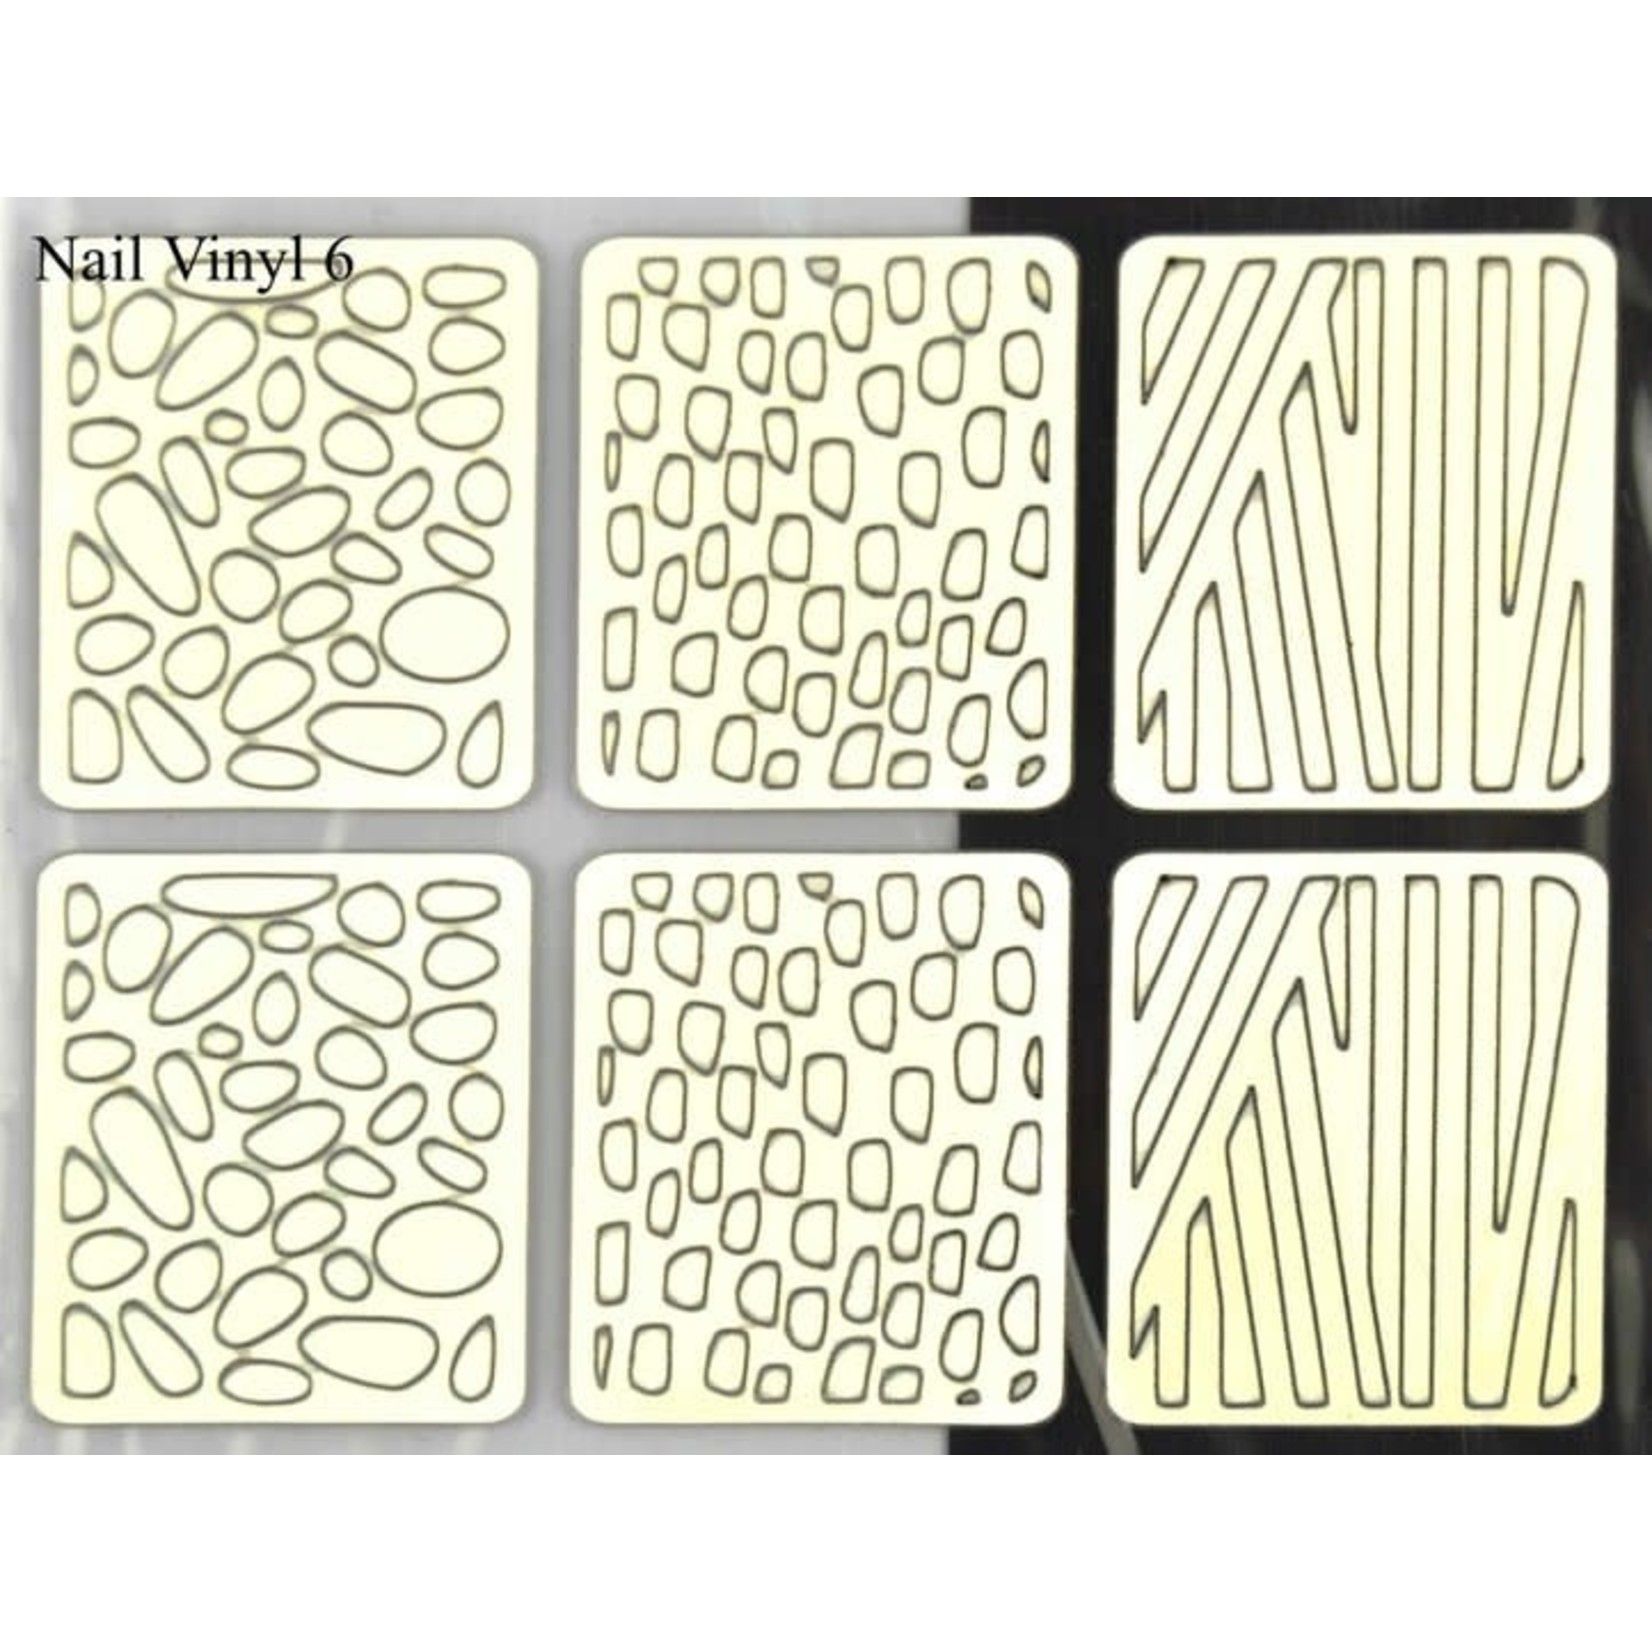 Urban Nails Nail Vinyl 6